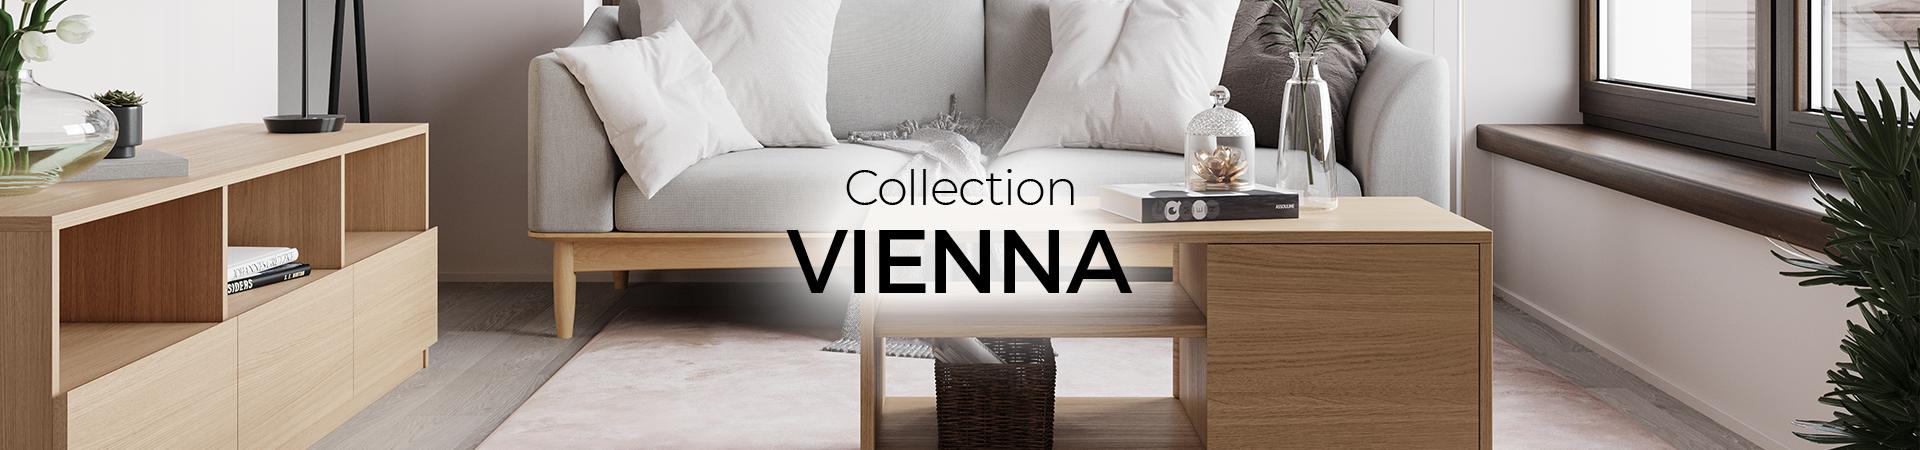 VIENNA Collection